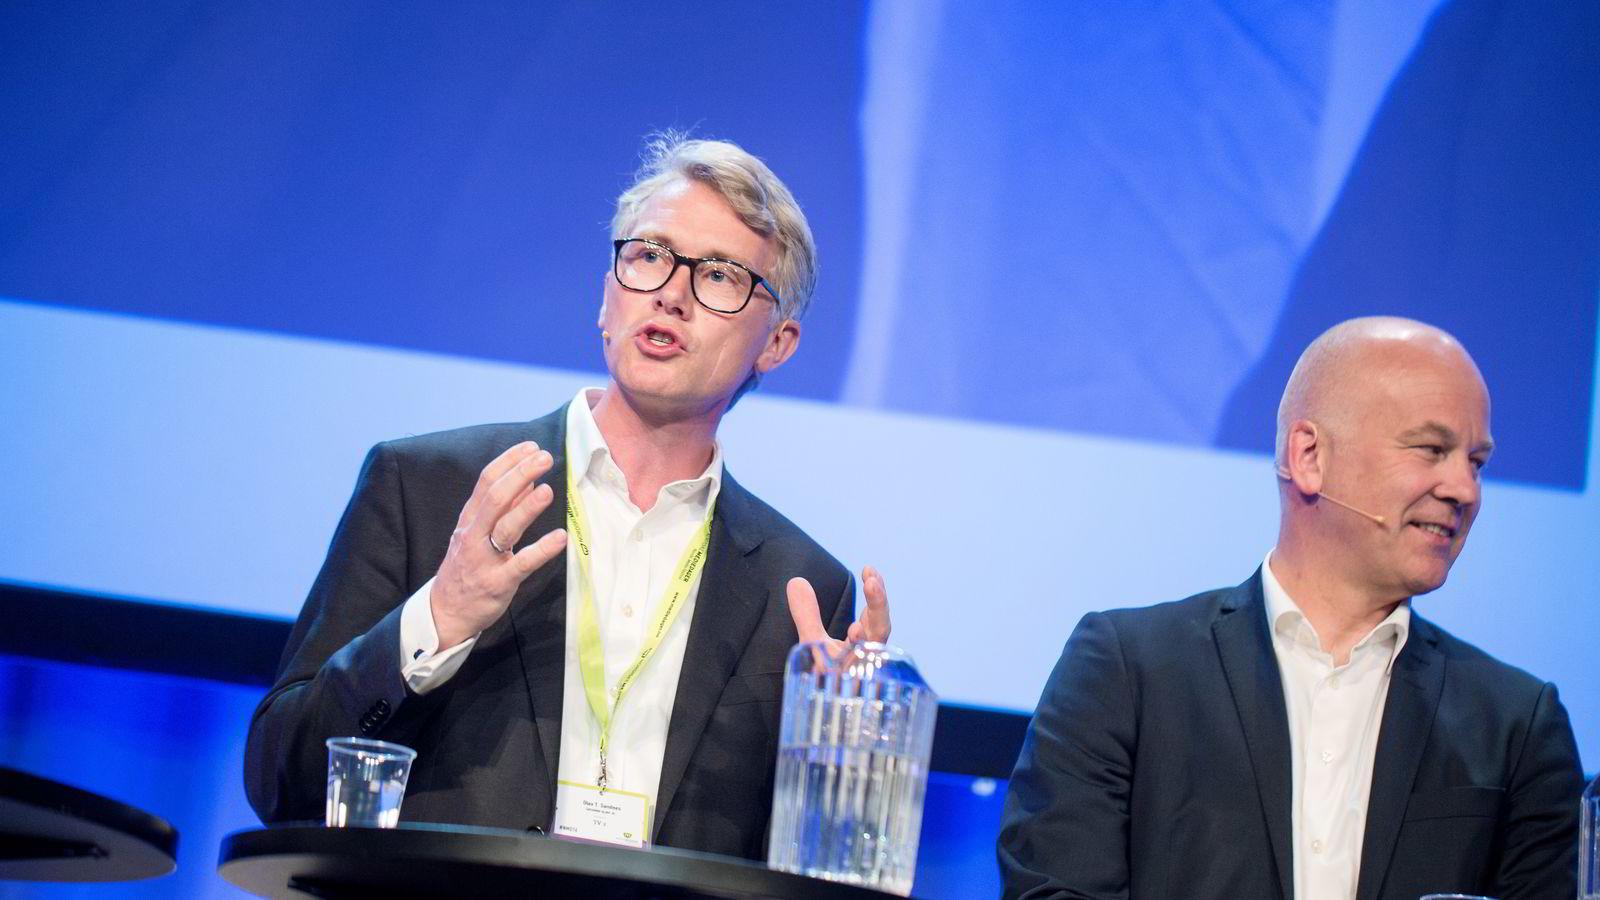 TV 2-sjef Olav T. Sandnes sammen med NRKs kringkastingssjef Thor Gjermund Eriksen i Mediedagene i Bergen